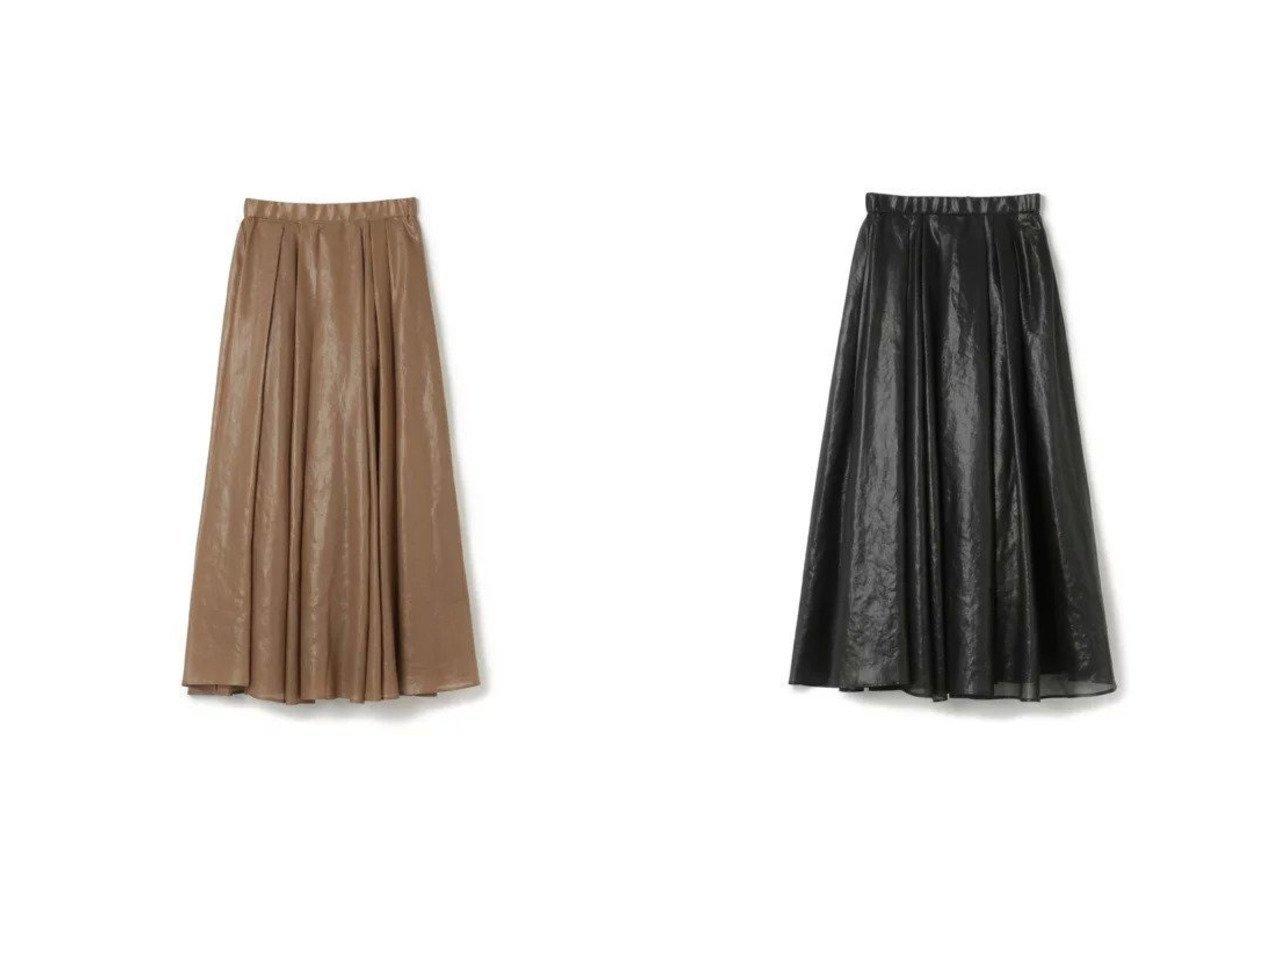 【martinique/マルティニーク】の【Marisol別注】エディター三尋木奈保さん martinique スカート スカートのおすすめ!人気、トレンド・レディースファッションの通販 おすすめで人気の流行・トレンド、ファッションの通販商品 メンズファッション・キッズファッション・インテリア・家具・レディースファッション・服の通販 founy(ファニー) https://founy.com/ 雑誌掲載アイテム Magazine items ファッション雑誌 Fashion magazines マリソル Marisol ファッション Fashion レディースファッション WOMEN スカート Skirt 3月号 マキシ ロング 別注 雑誌 |ID:crp329100000023892